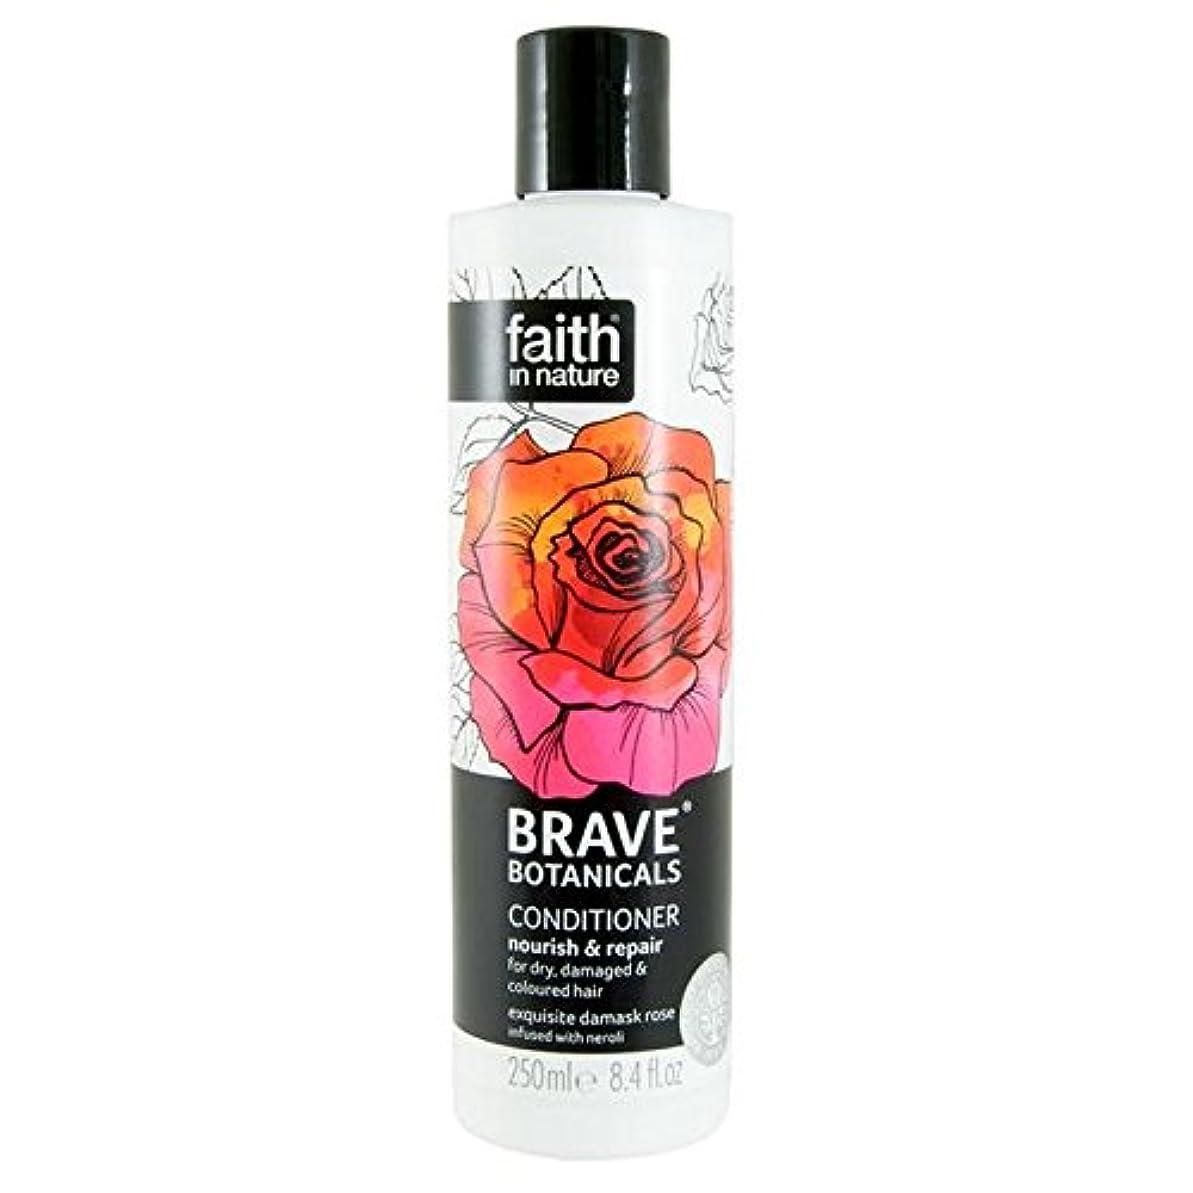 劣るペフ盟主Brave Botanicals Rose & Neroli Nourish & Repair Conditioner 250ml - (Faith In Nature) 勇敢な植物は、ローズ&ネロリは養う&リペアコンディショナー250Ml [並行輸入品]